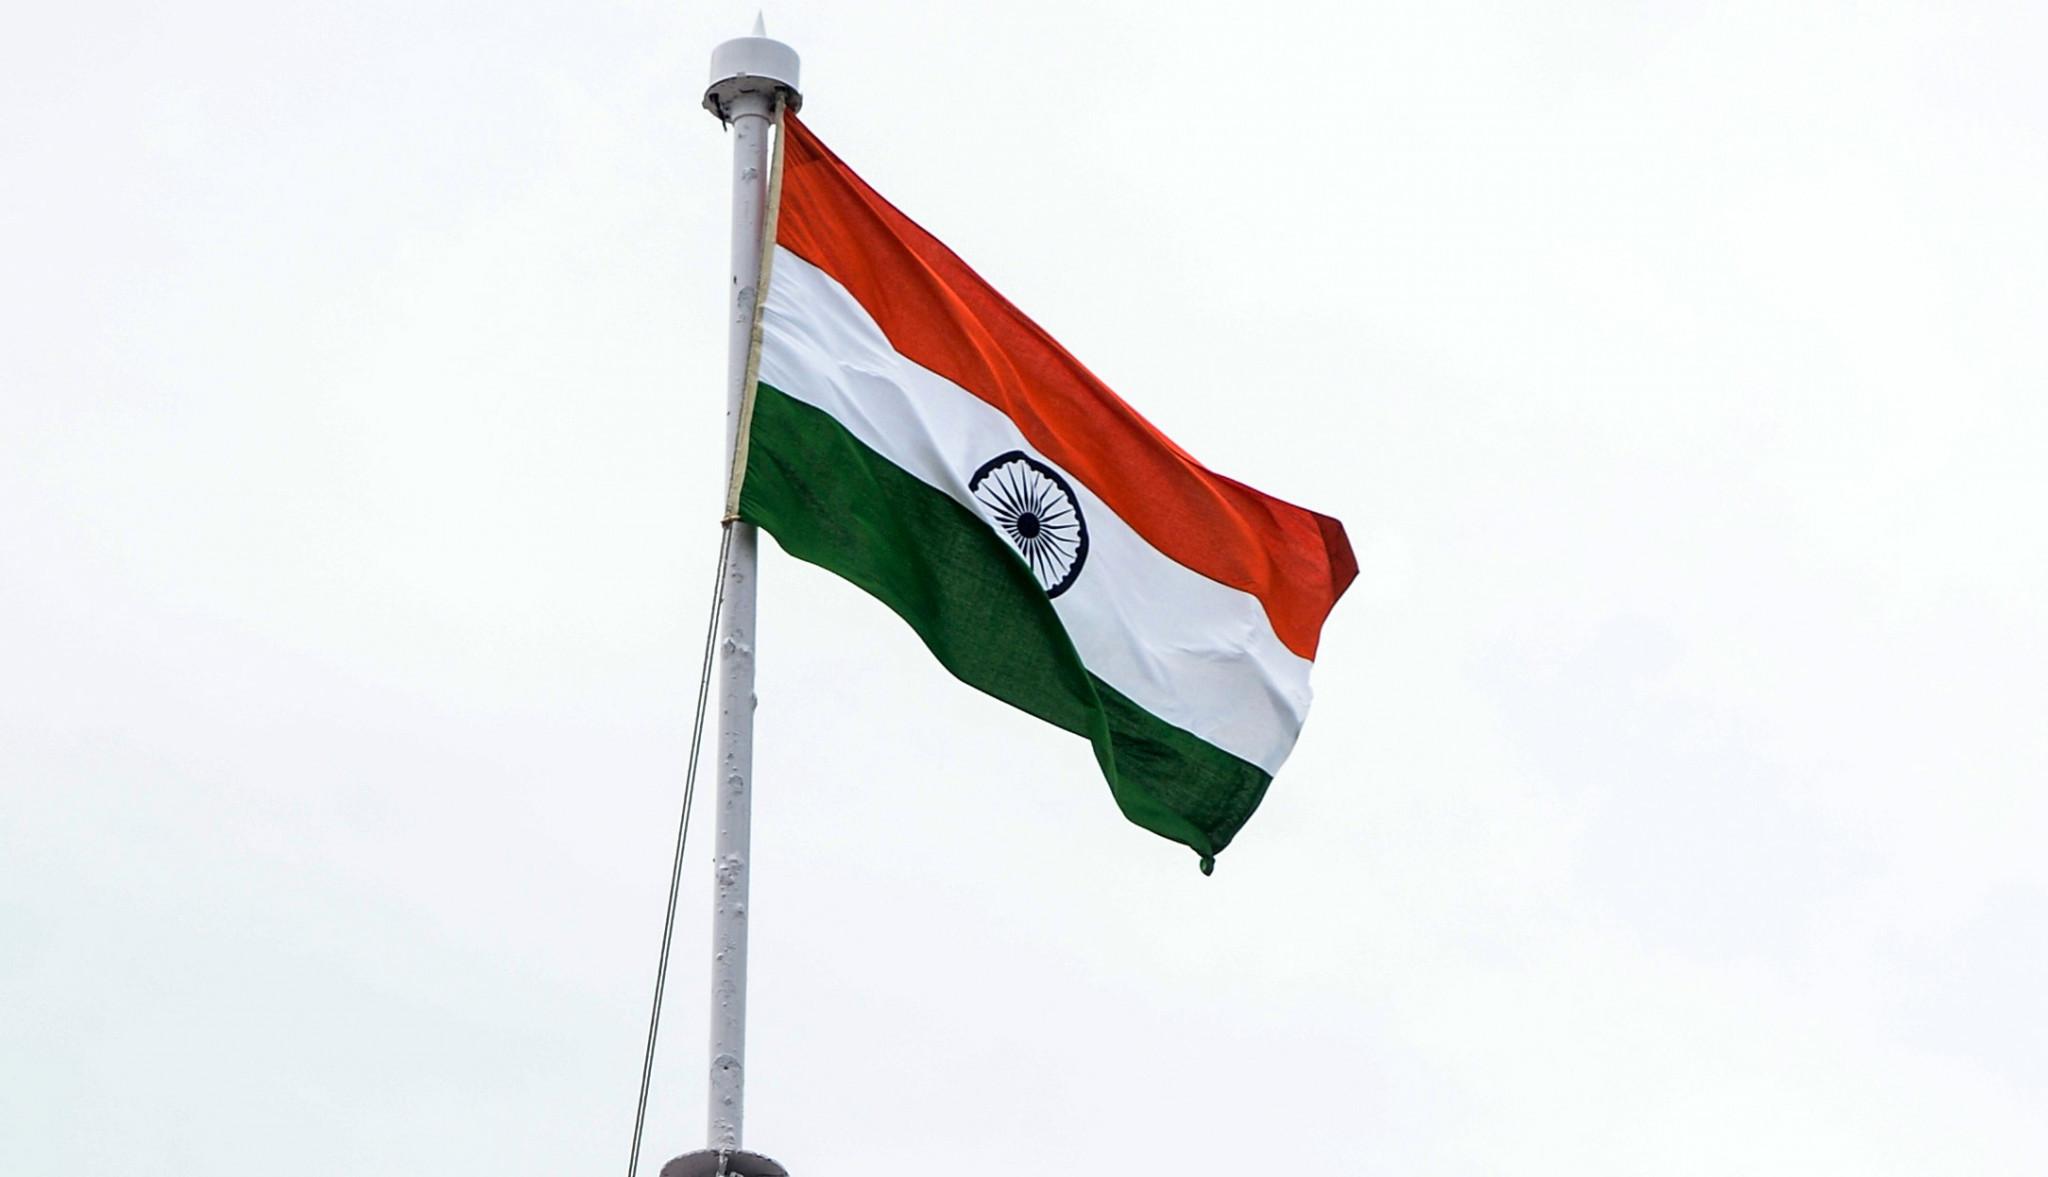 Government of Delhi prepare to establish sports school in city